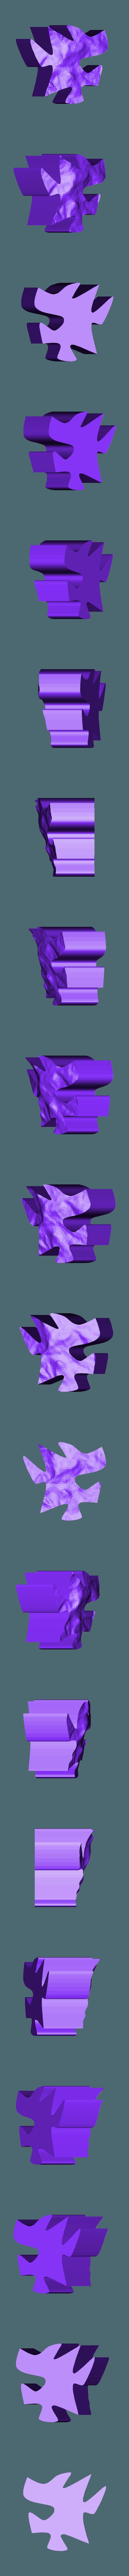 70.stl Télécharger fichier STL gratuit Echelle épique - Terrain - Zion NP • Objet à imprimer en 3D, TCP491016